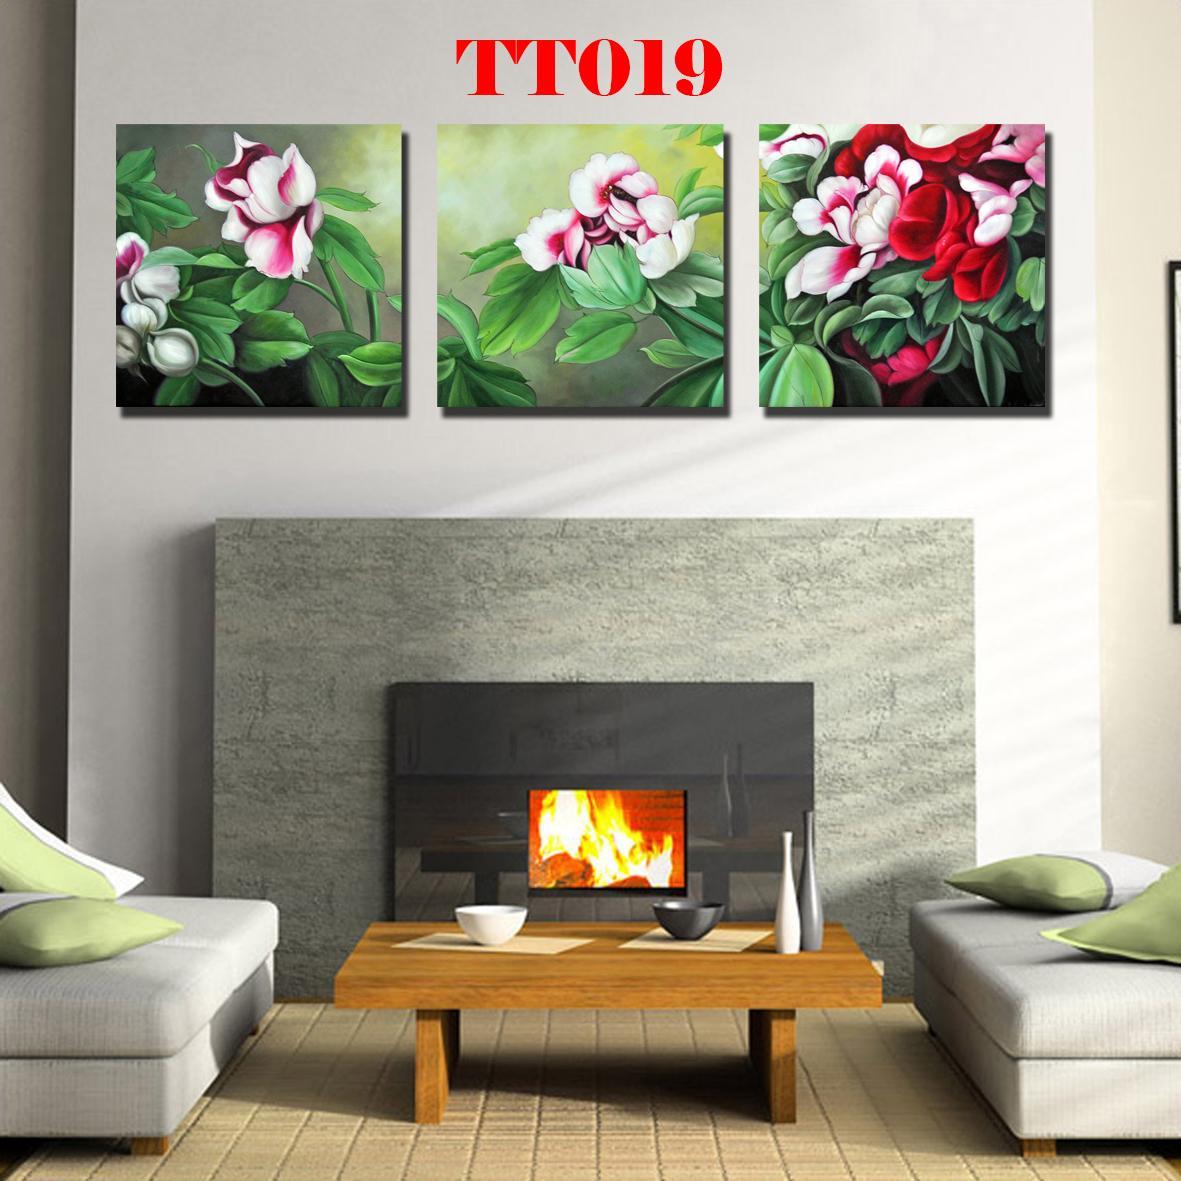 Tranh canvas bộ 3 TT019